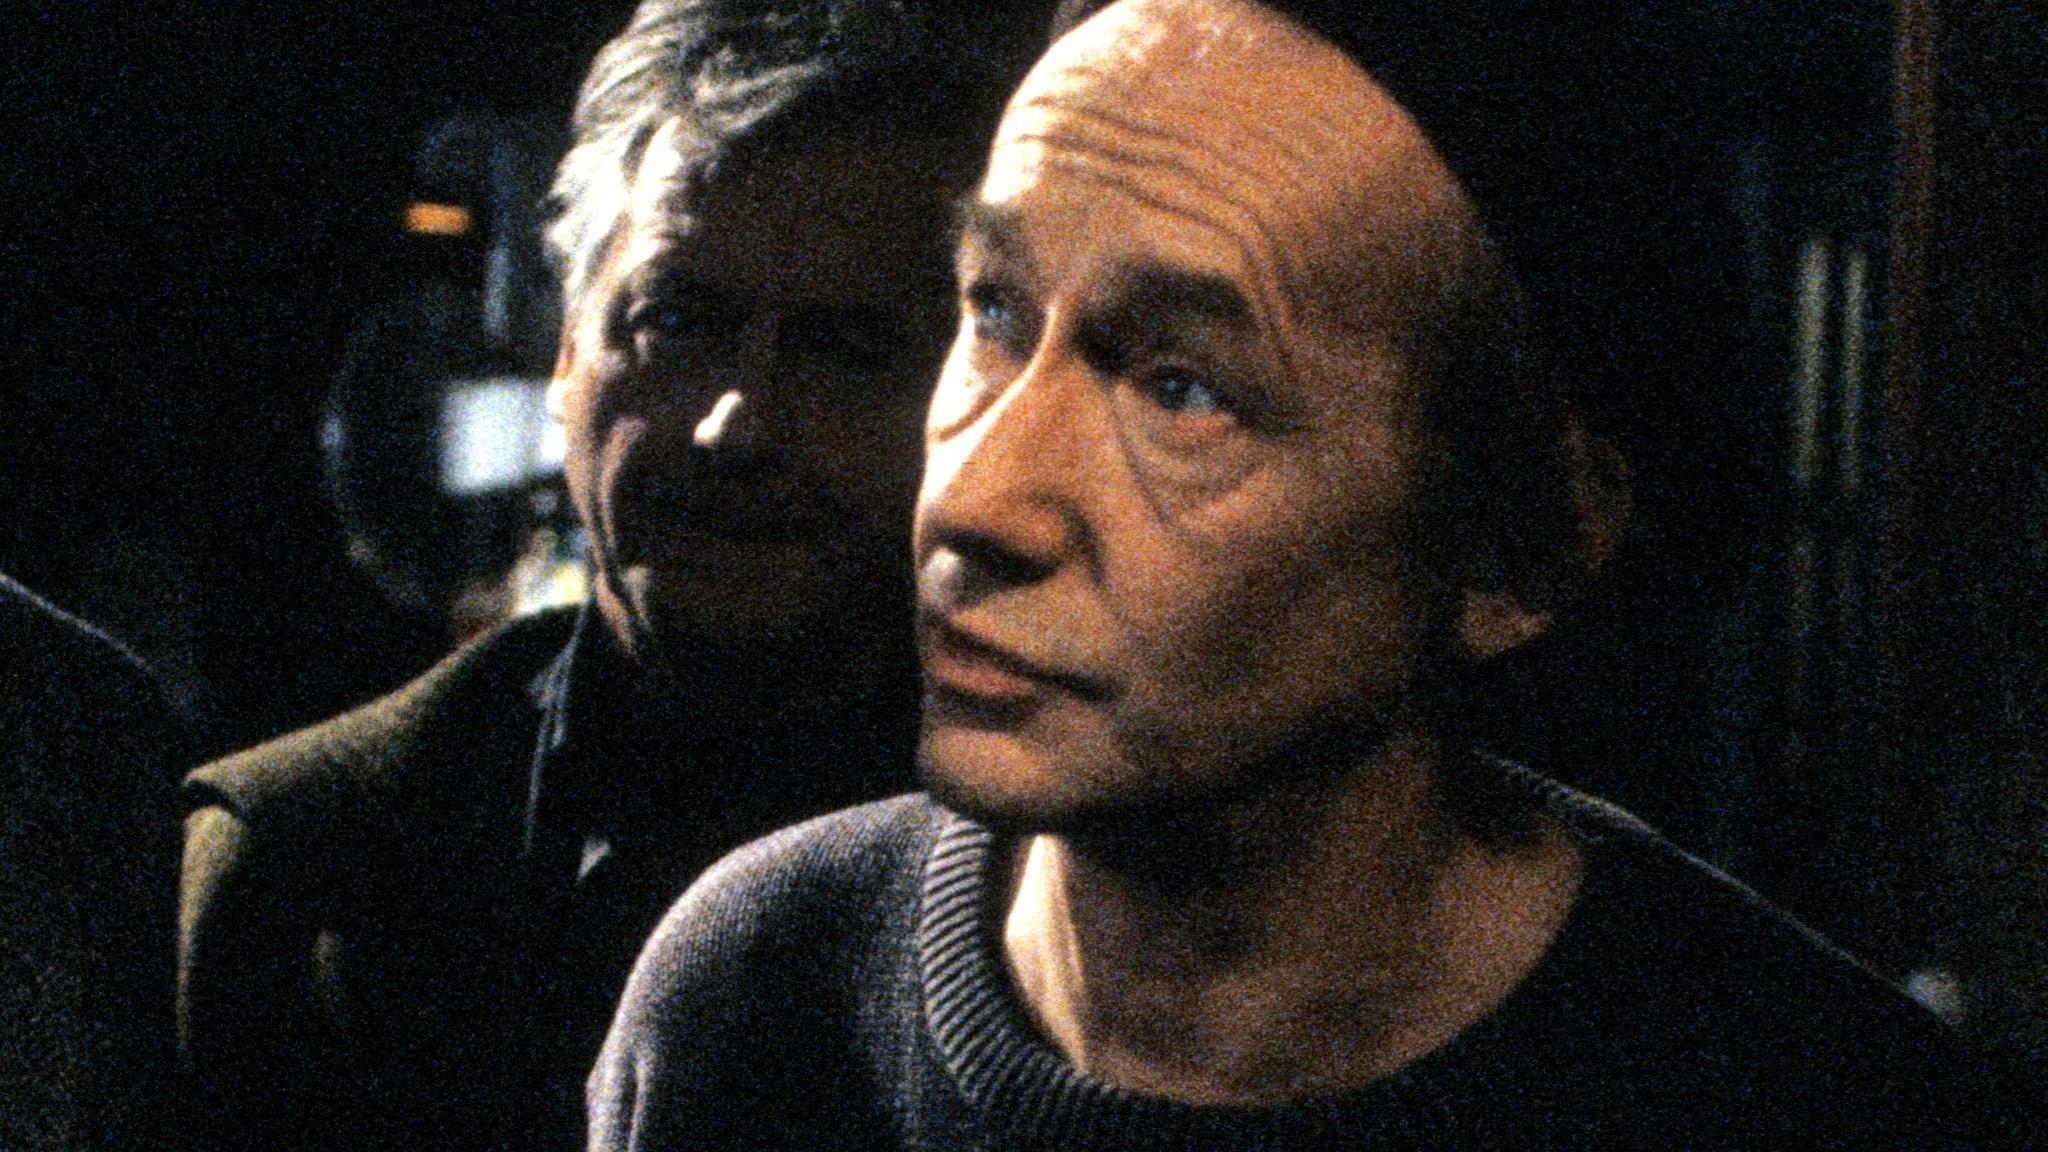 Gösta Ekman 1991 från inspelningen av TV-serien Duo jag av Marie-Louise Ekman.